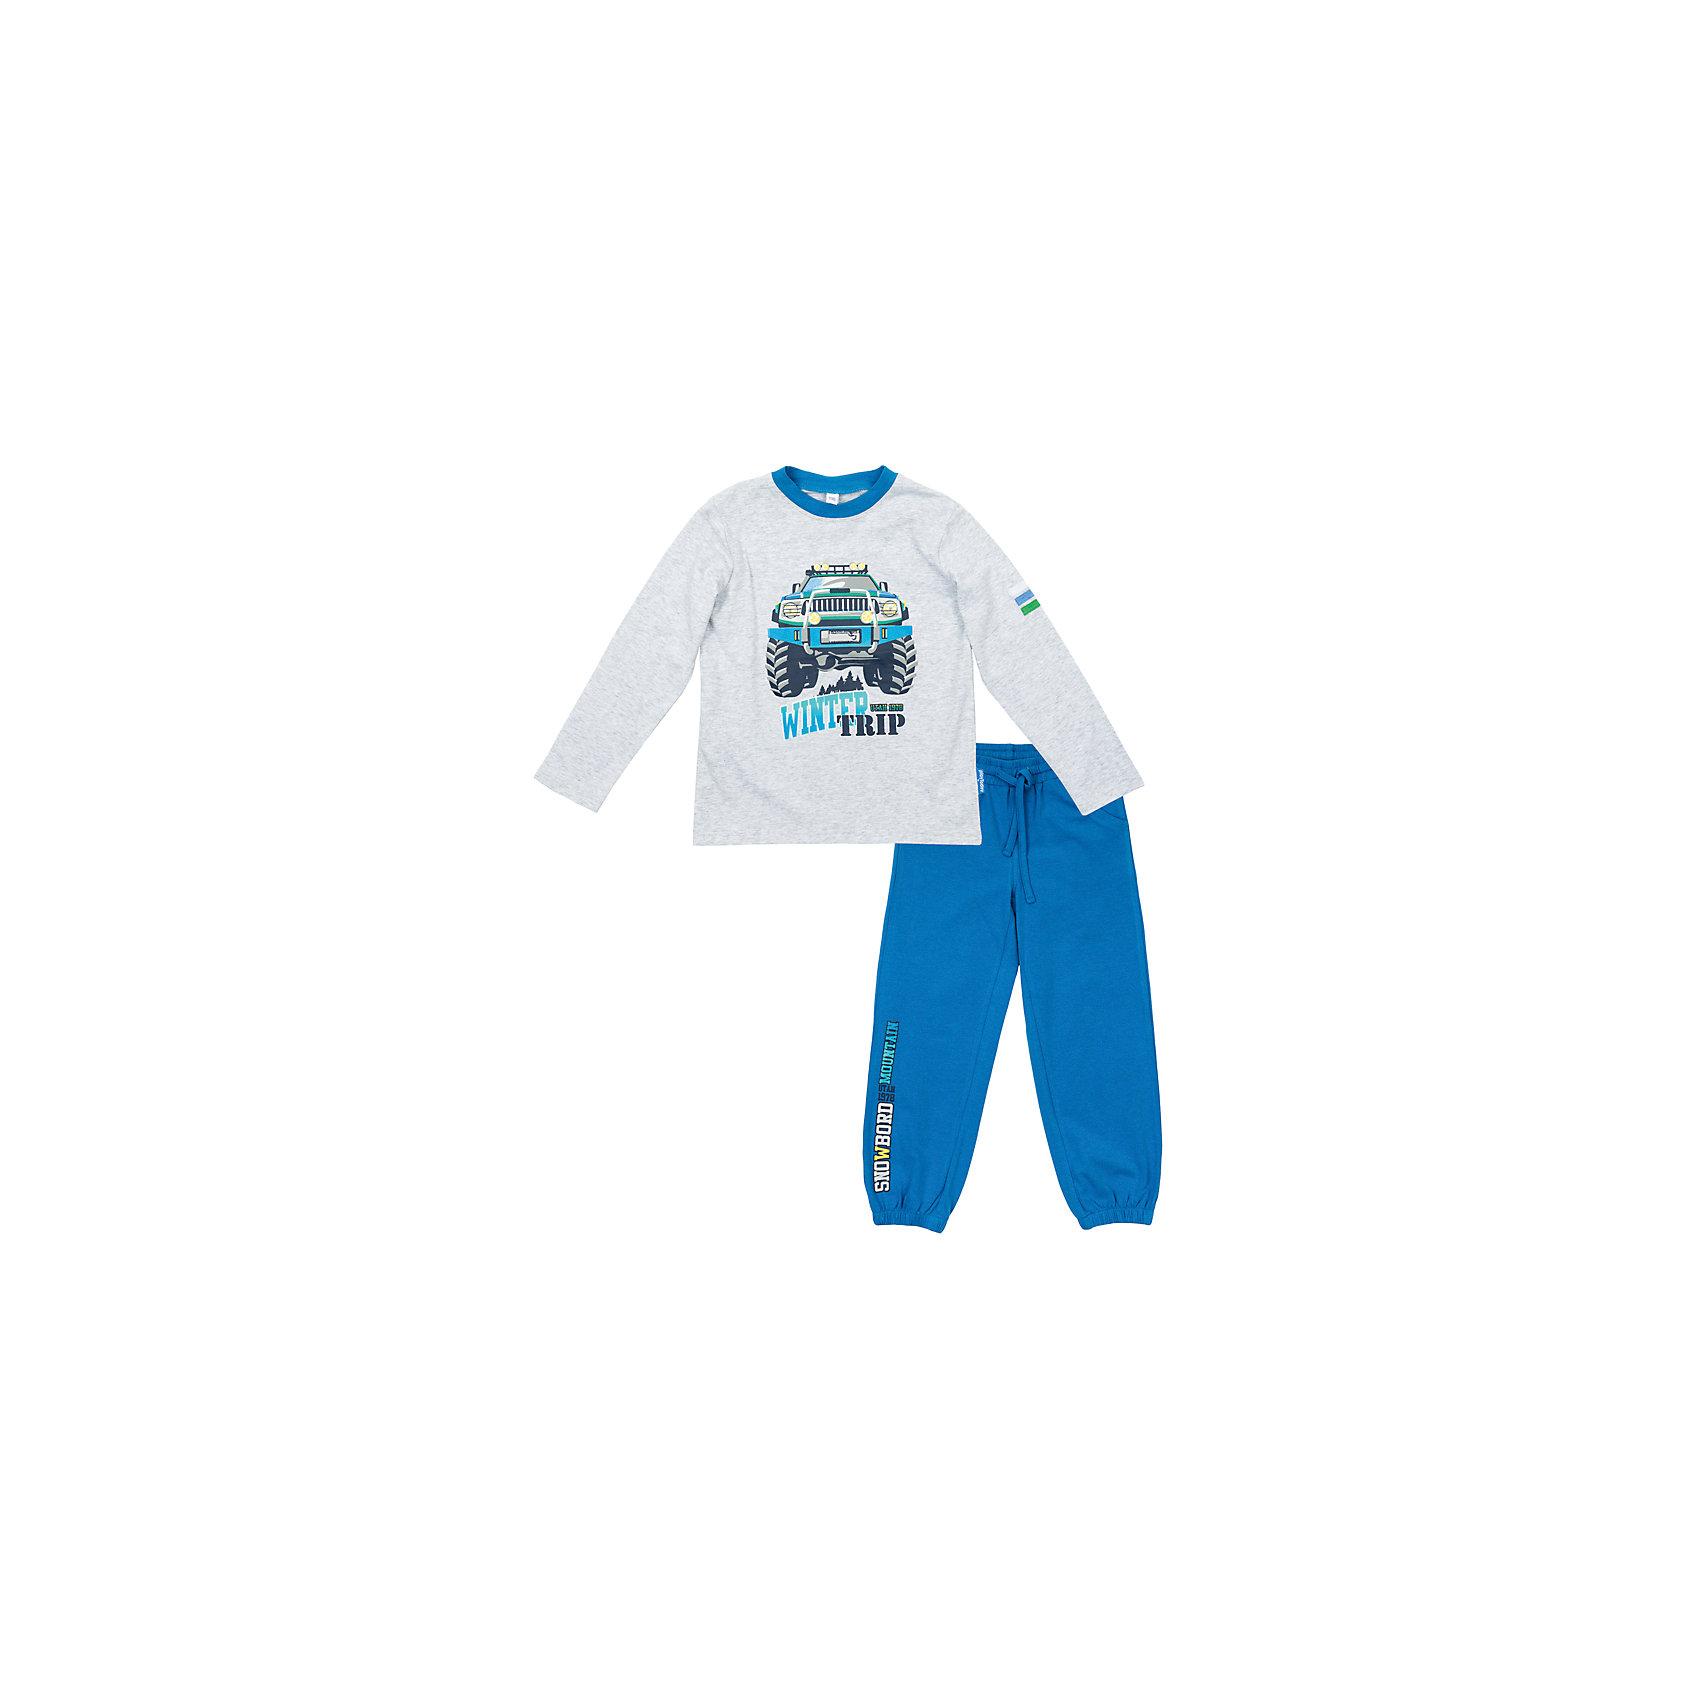 Комплект: футболка с длинным рукавом и брюки для мальчика PlayTodayКомплекты<br>Комплект: футболка с длинным рукавом и брюки для мальчика от известного бренда PlayToday.<br>Уютный хлопковый комплект из футболки с длинными рукавами и брюк в спортивном стиле. <br>Футболка украшена стильным резиновым принтом, на воротнике трикотажная резинка. <br>Пояс брюк на резинке, дополнительно регулируется шнурком. Есть 2 функциональных кармана. Украшена резиновым принтом с надписью. Низ штанишек на резинке.<br>Состав:<br>95% хлопок, 5% эластан<br><br>Ширина мм: 215<br>Глубина мм: 88<br>Высота мм: 191<br>Вес г: 336<br>Цвет: синий<br>Возраст от месяцев: 72<br>Возраст до месяцев: 84<br>Пол: Мужской<br>Возраст: Детский<br>Размер: 122,128,98,104,116,110<br>SKU: 4978216